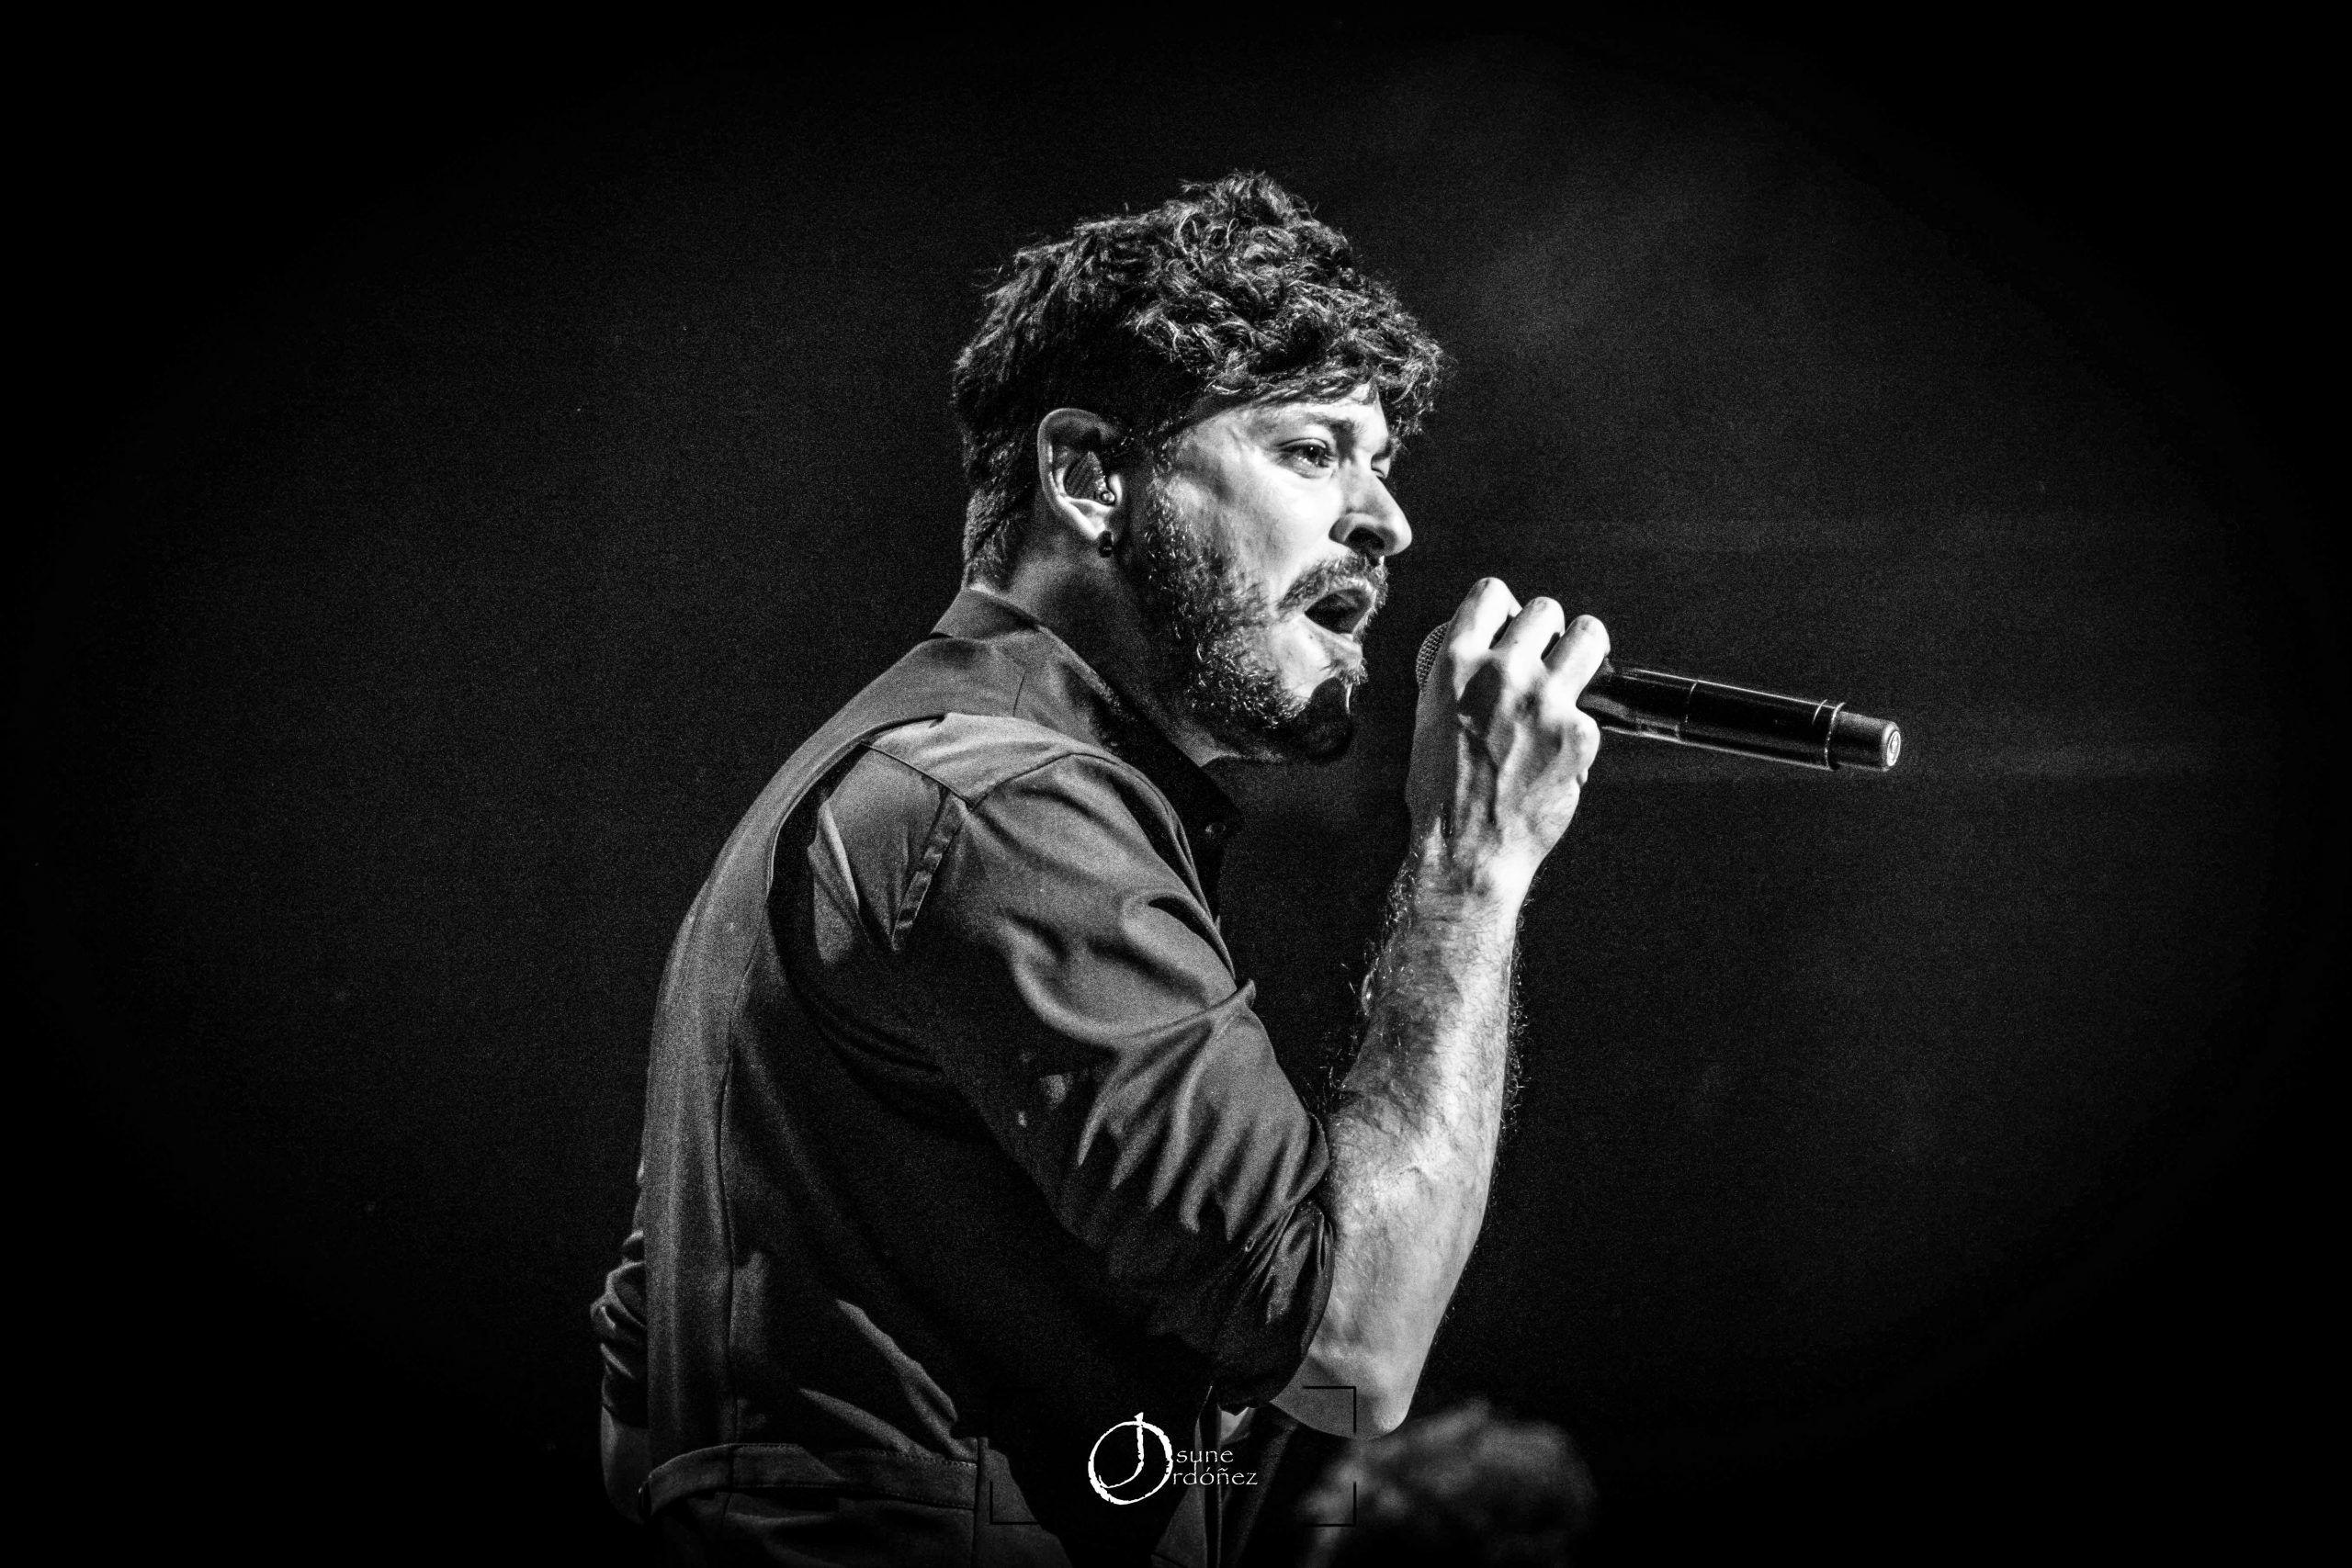 Luis Cepeda, gira «Con Los Pies en el Suelo» en el Teatro Nuevo